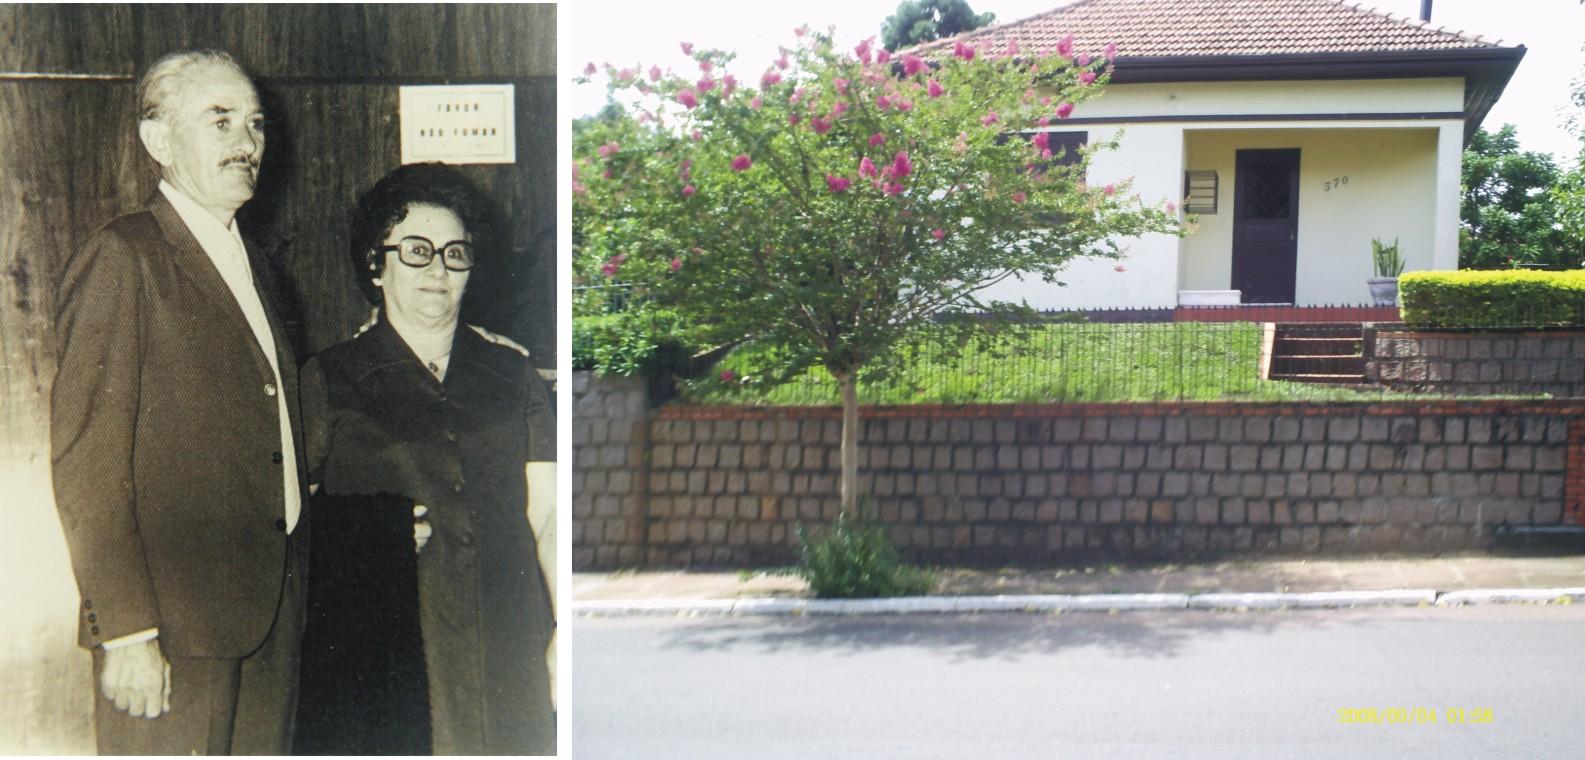 Meus queridos e saudosos pais  Luiz Pagot e Bililde Antonia Carlotto Pagot.  Ao lado, a primeira casa adquirida e construída com o suor do trabalho  deles  ... 4c6a205bf3